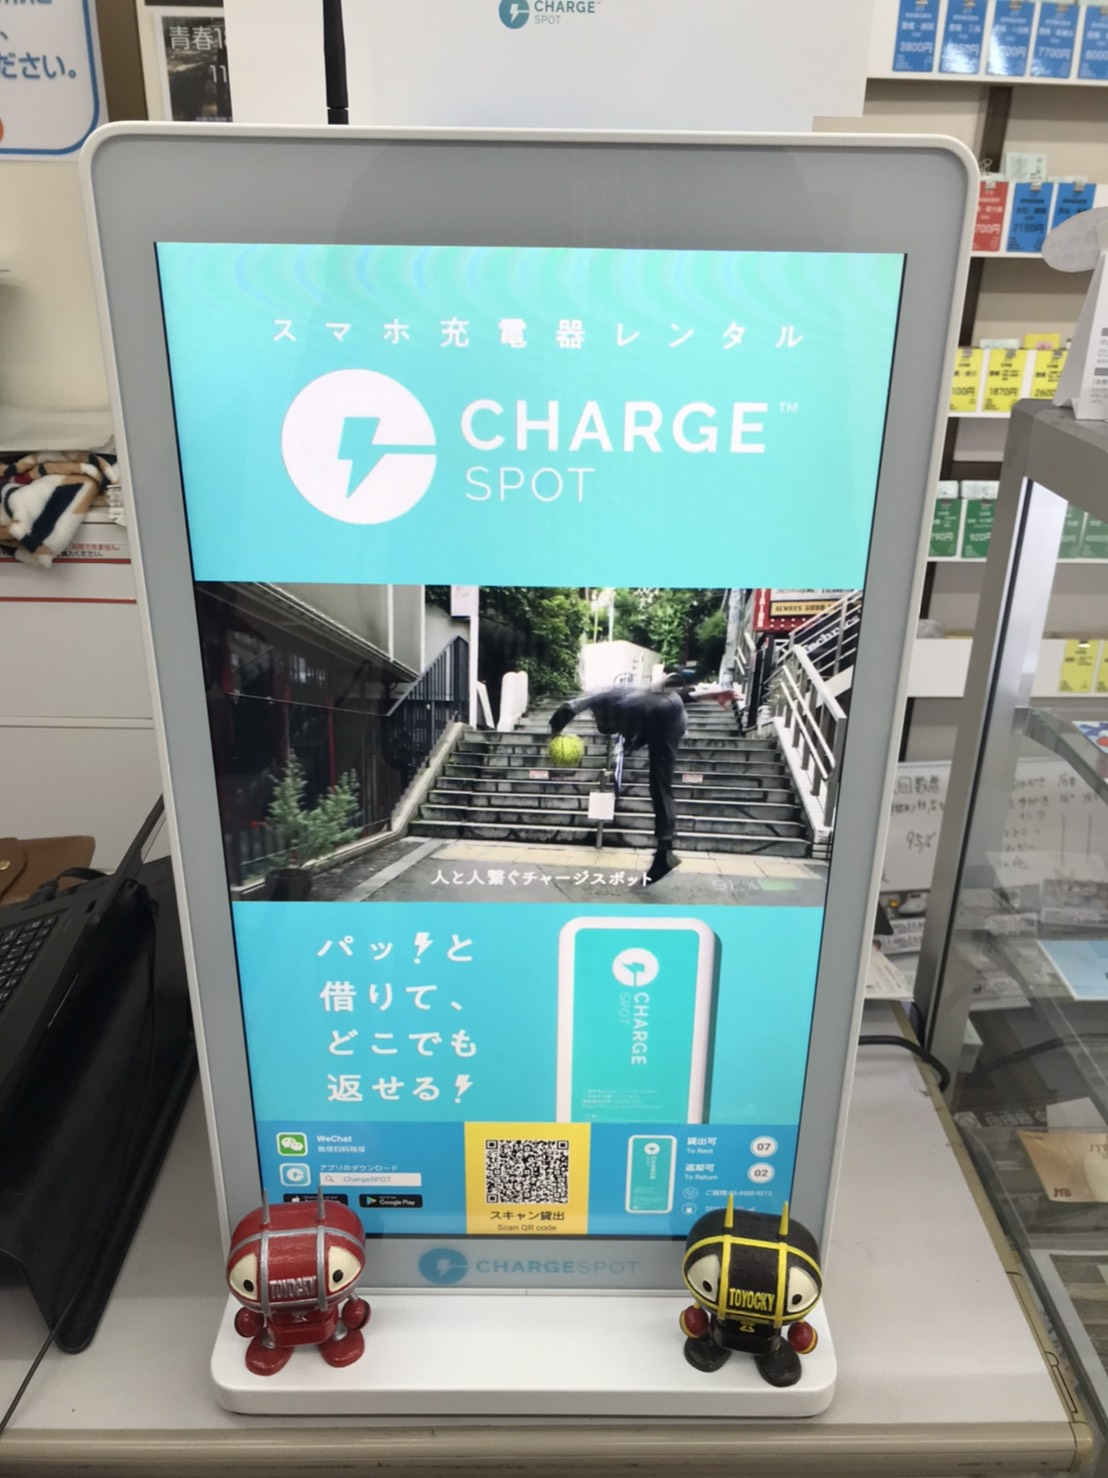 豊橋金券ショップフリーチケット|充電がない 豊橋チャージスポット